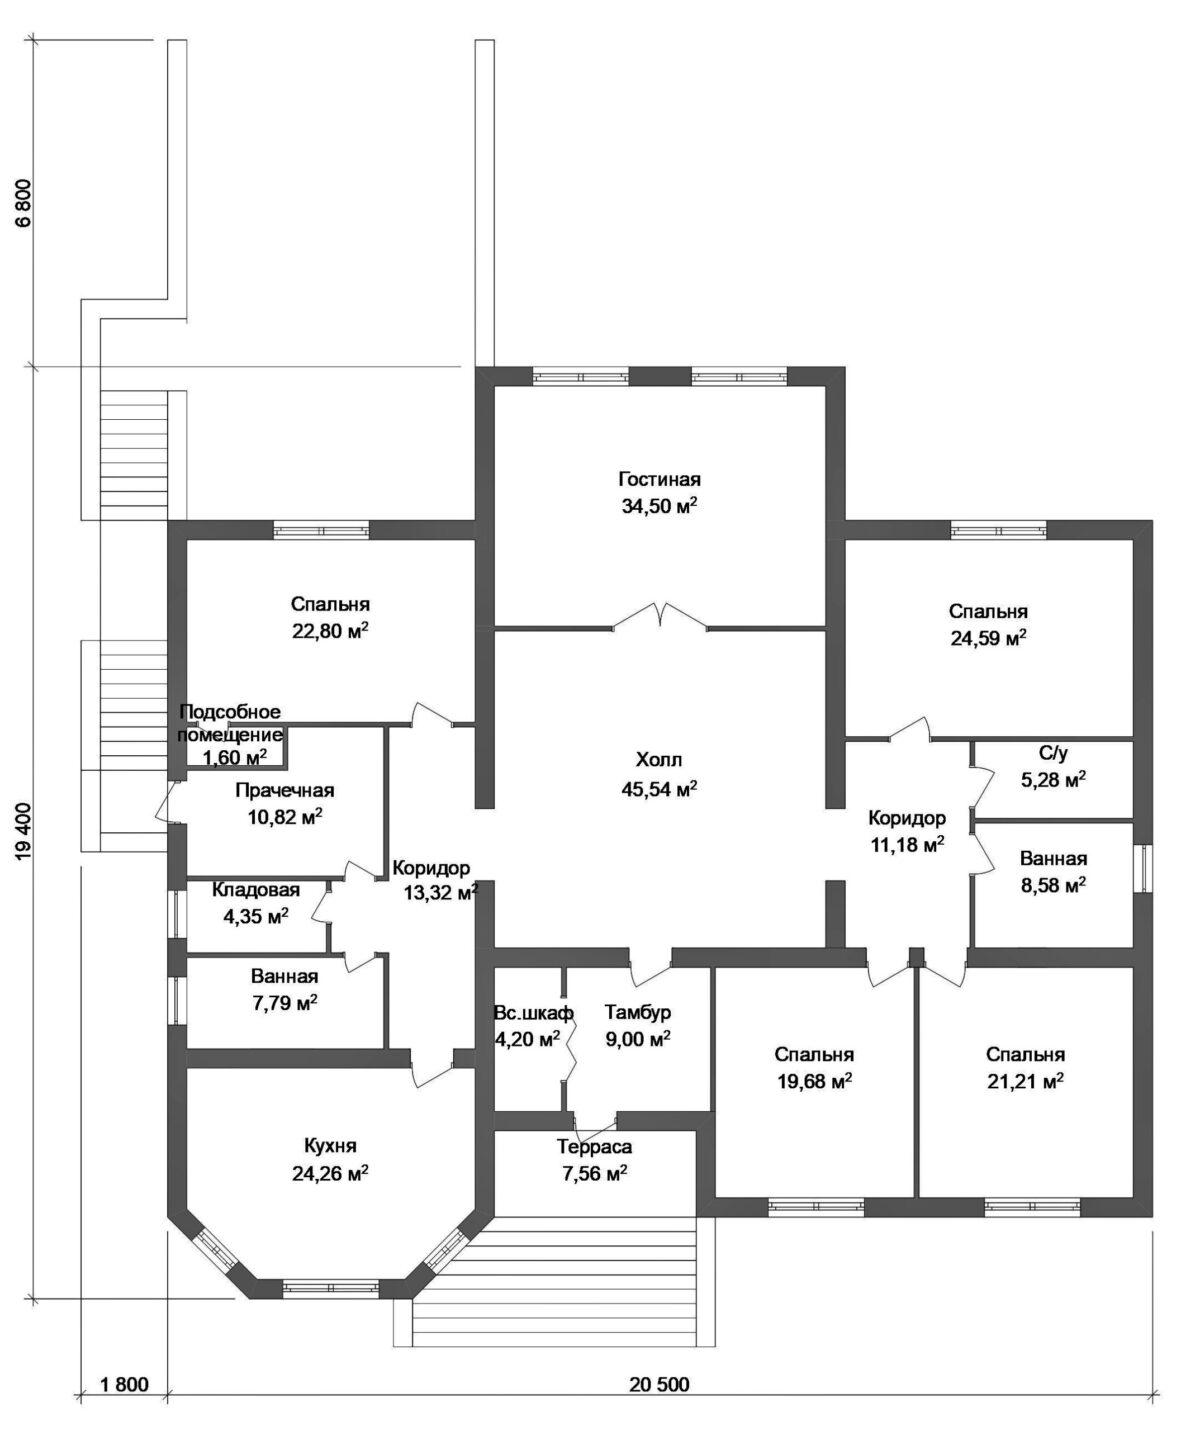 Флориан F-007. Проект одноэтажного дома с цокольным этажом, на 4 спальни